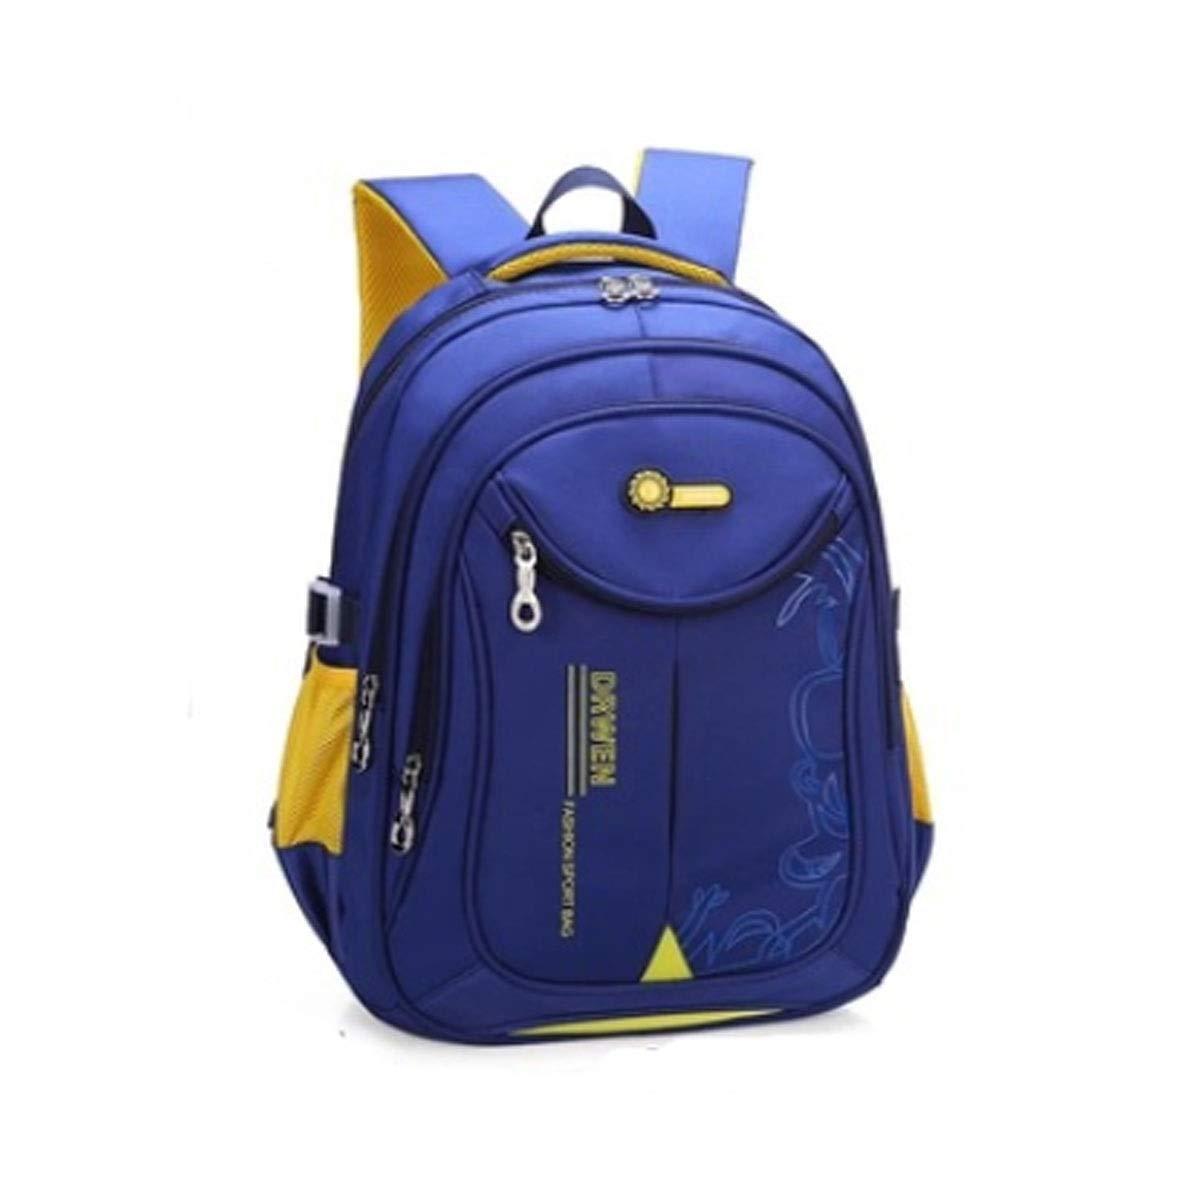 Borsa da scuola, borsa da studente, zaino da spalla ultraleggero, adatto per studenti di grado 1-6, 30  18  45 cm, blu, rosa